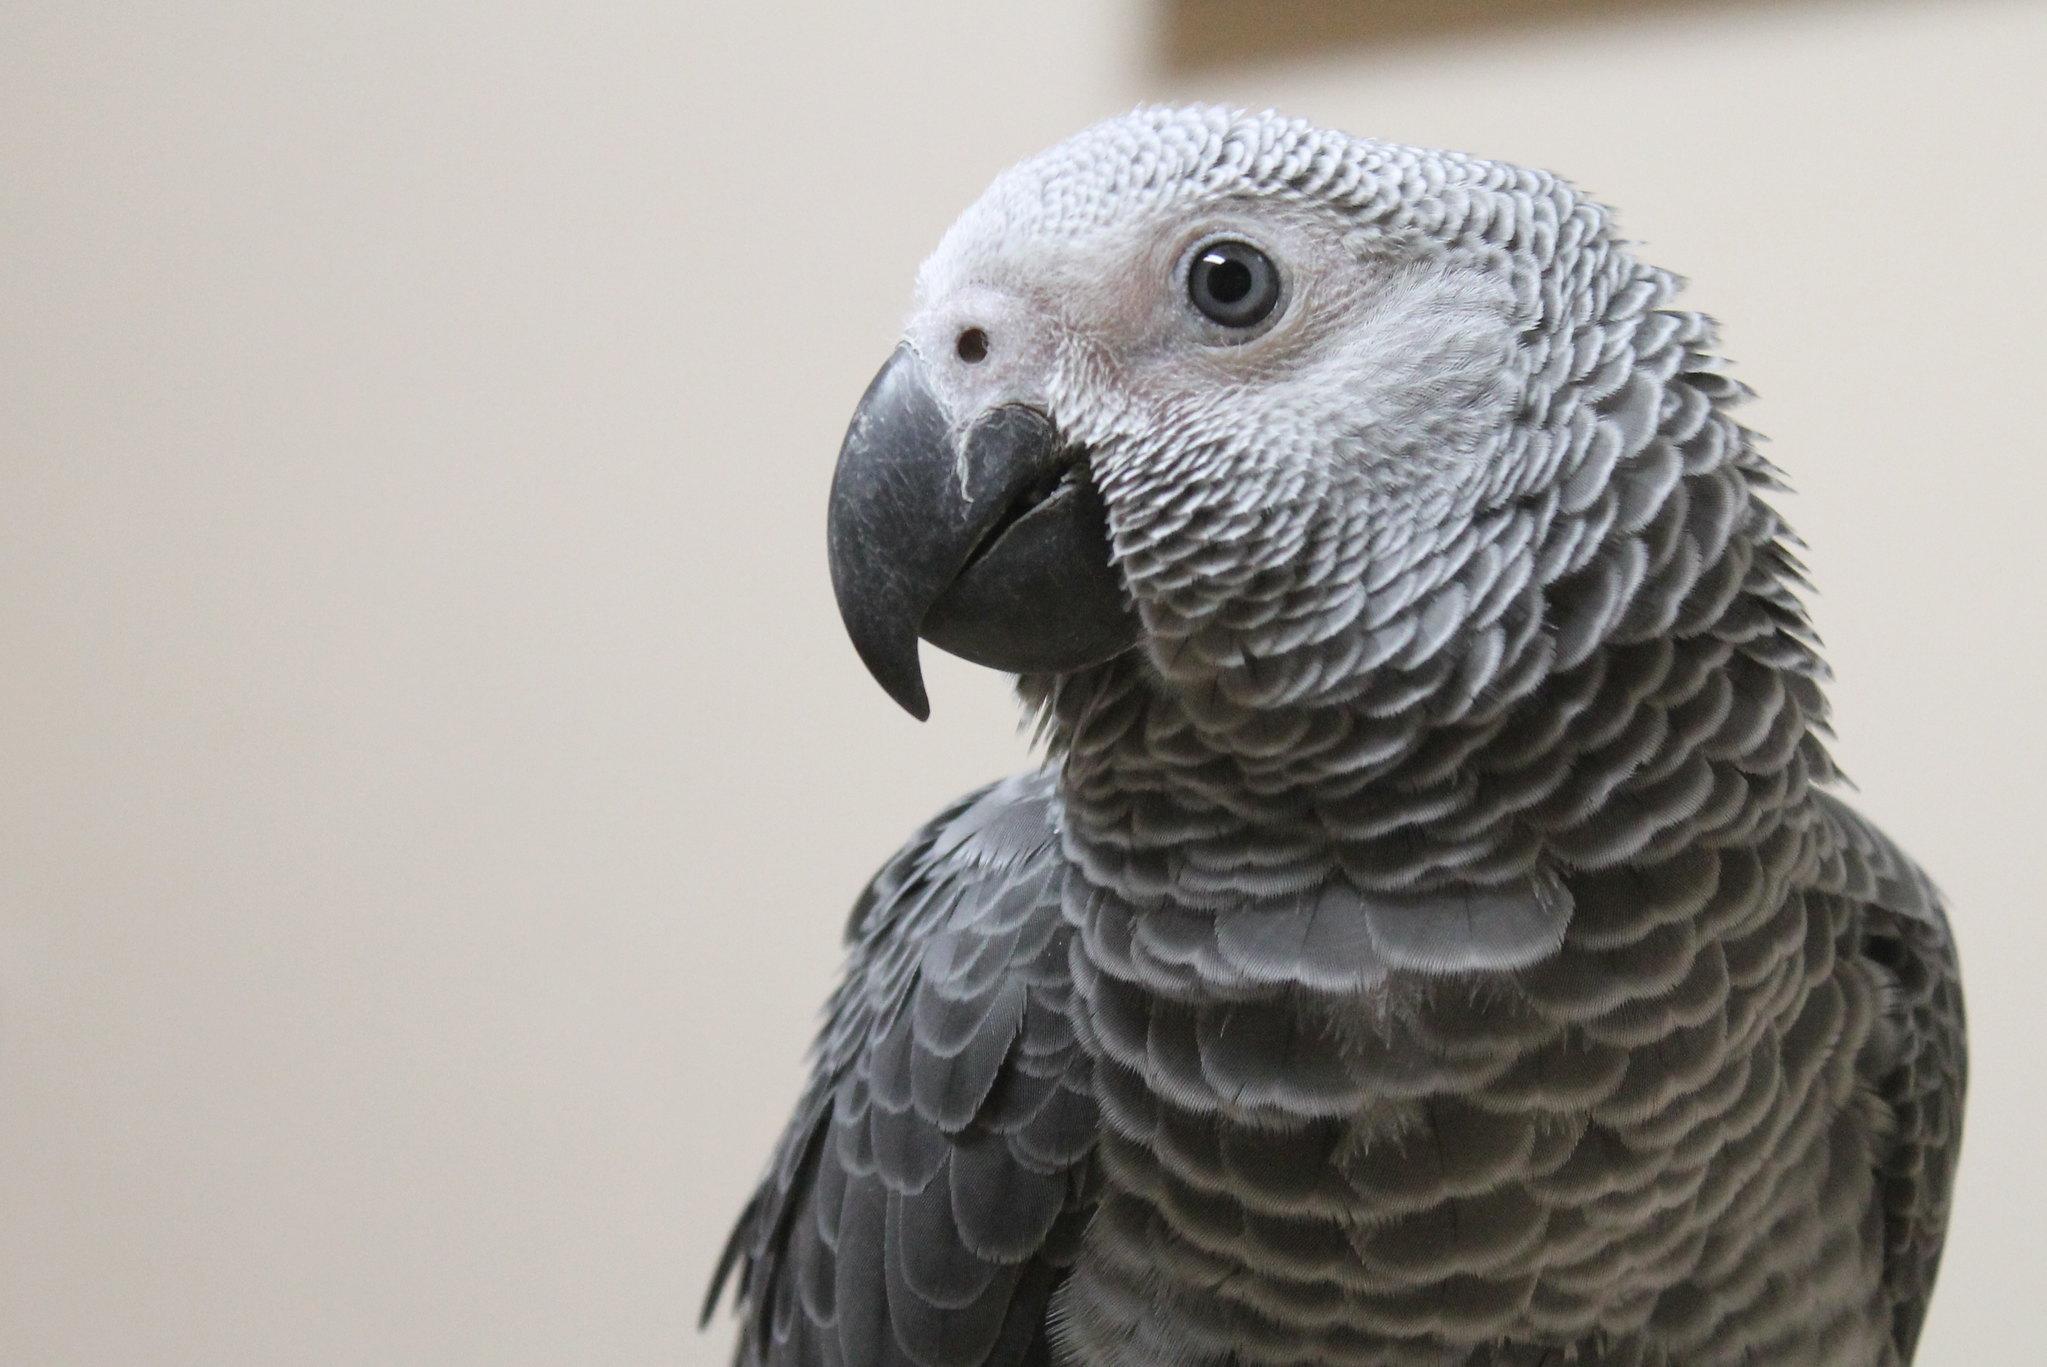 baby African Grey parrot Nov. 2013